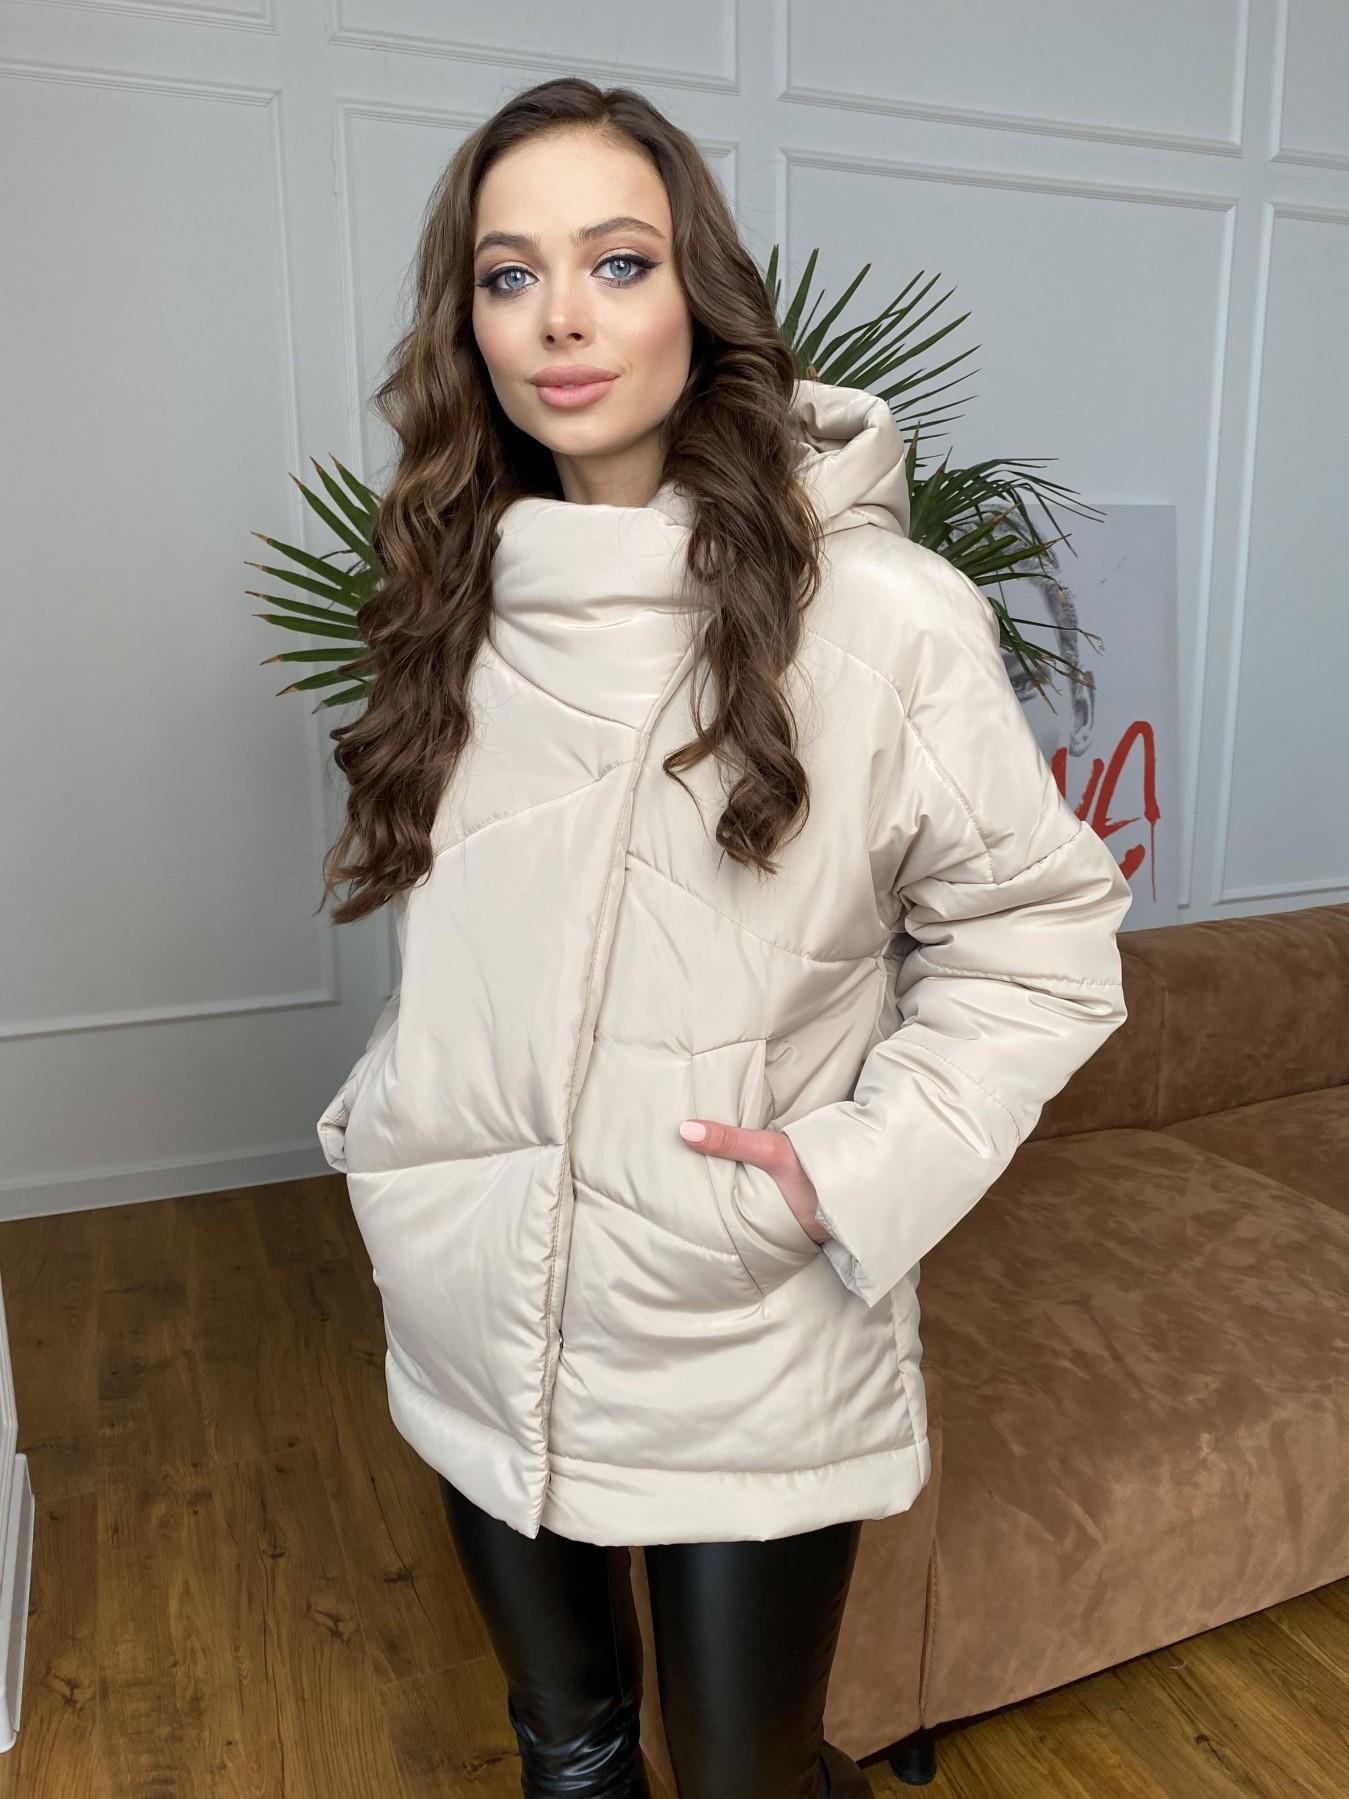 Уно куртка плащевка Ammy 10671 АРТ. 47476 Цвет: Бежевый - фото 1, интернет магазин tm-modus.ru